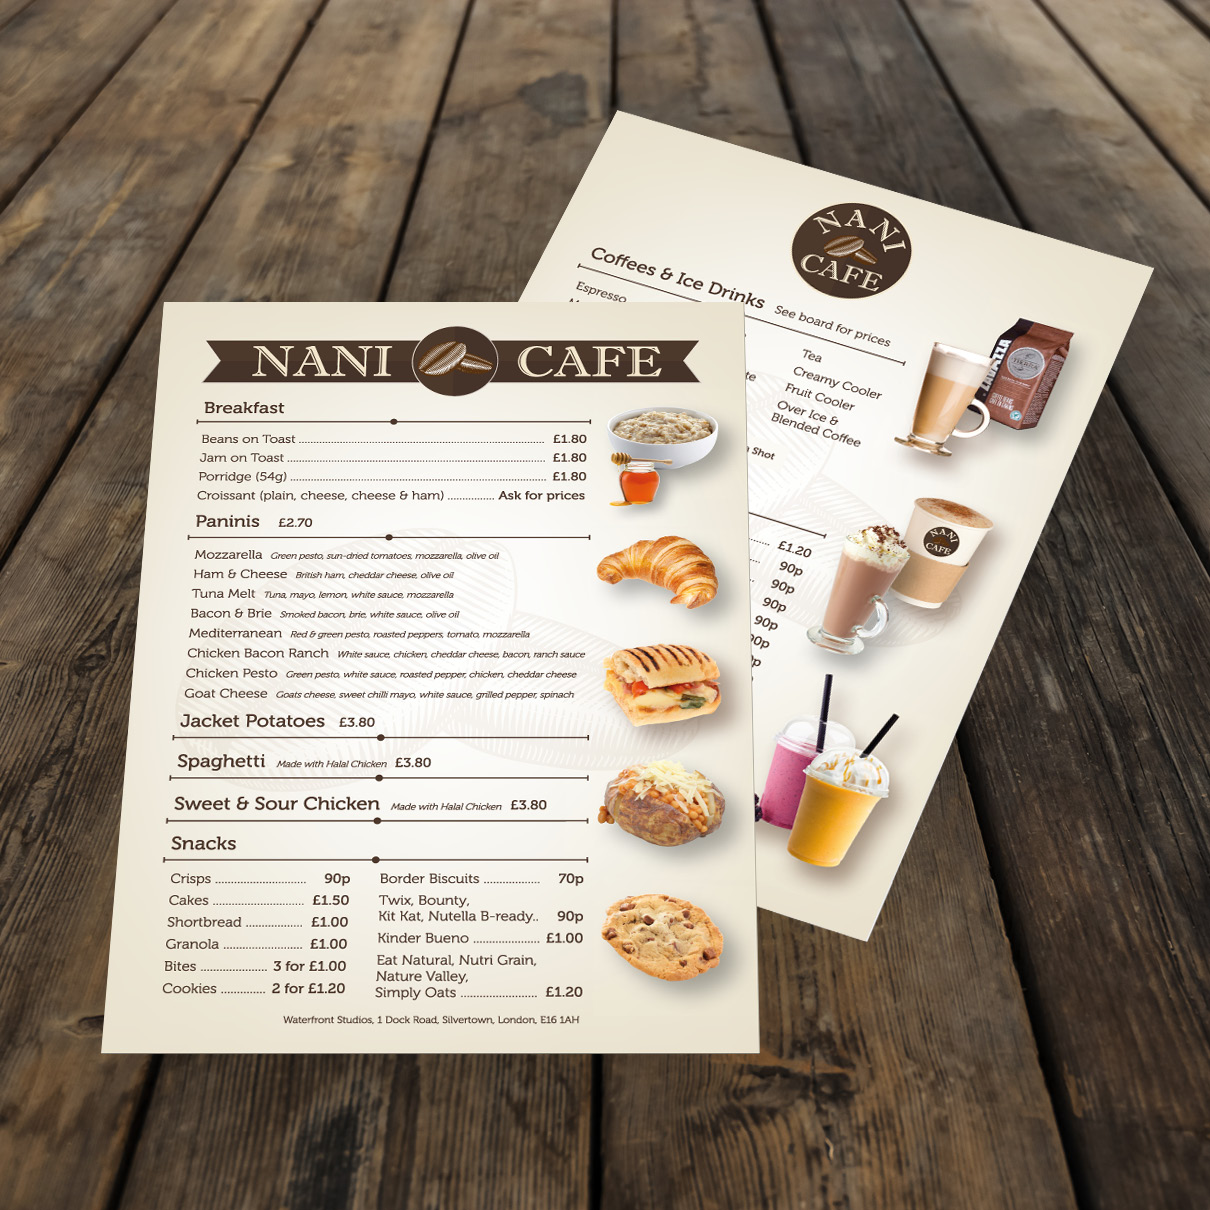 Nani Cafe Menu 2